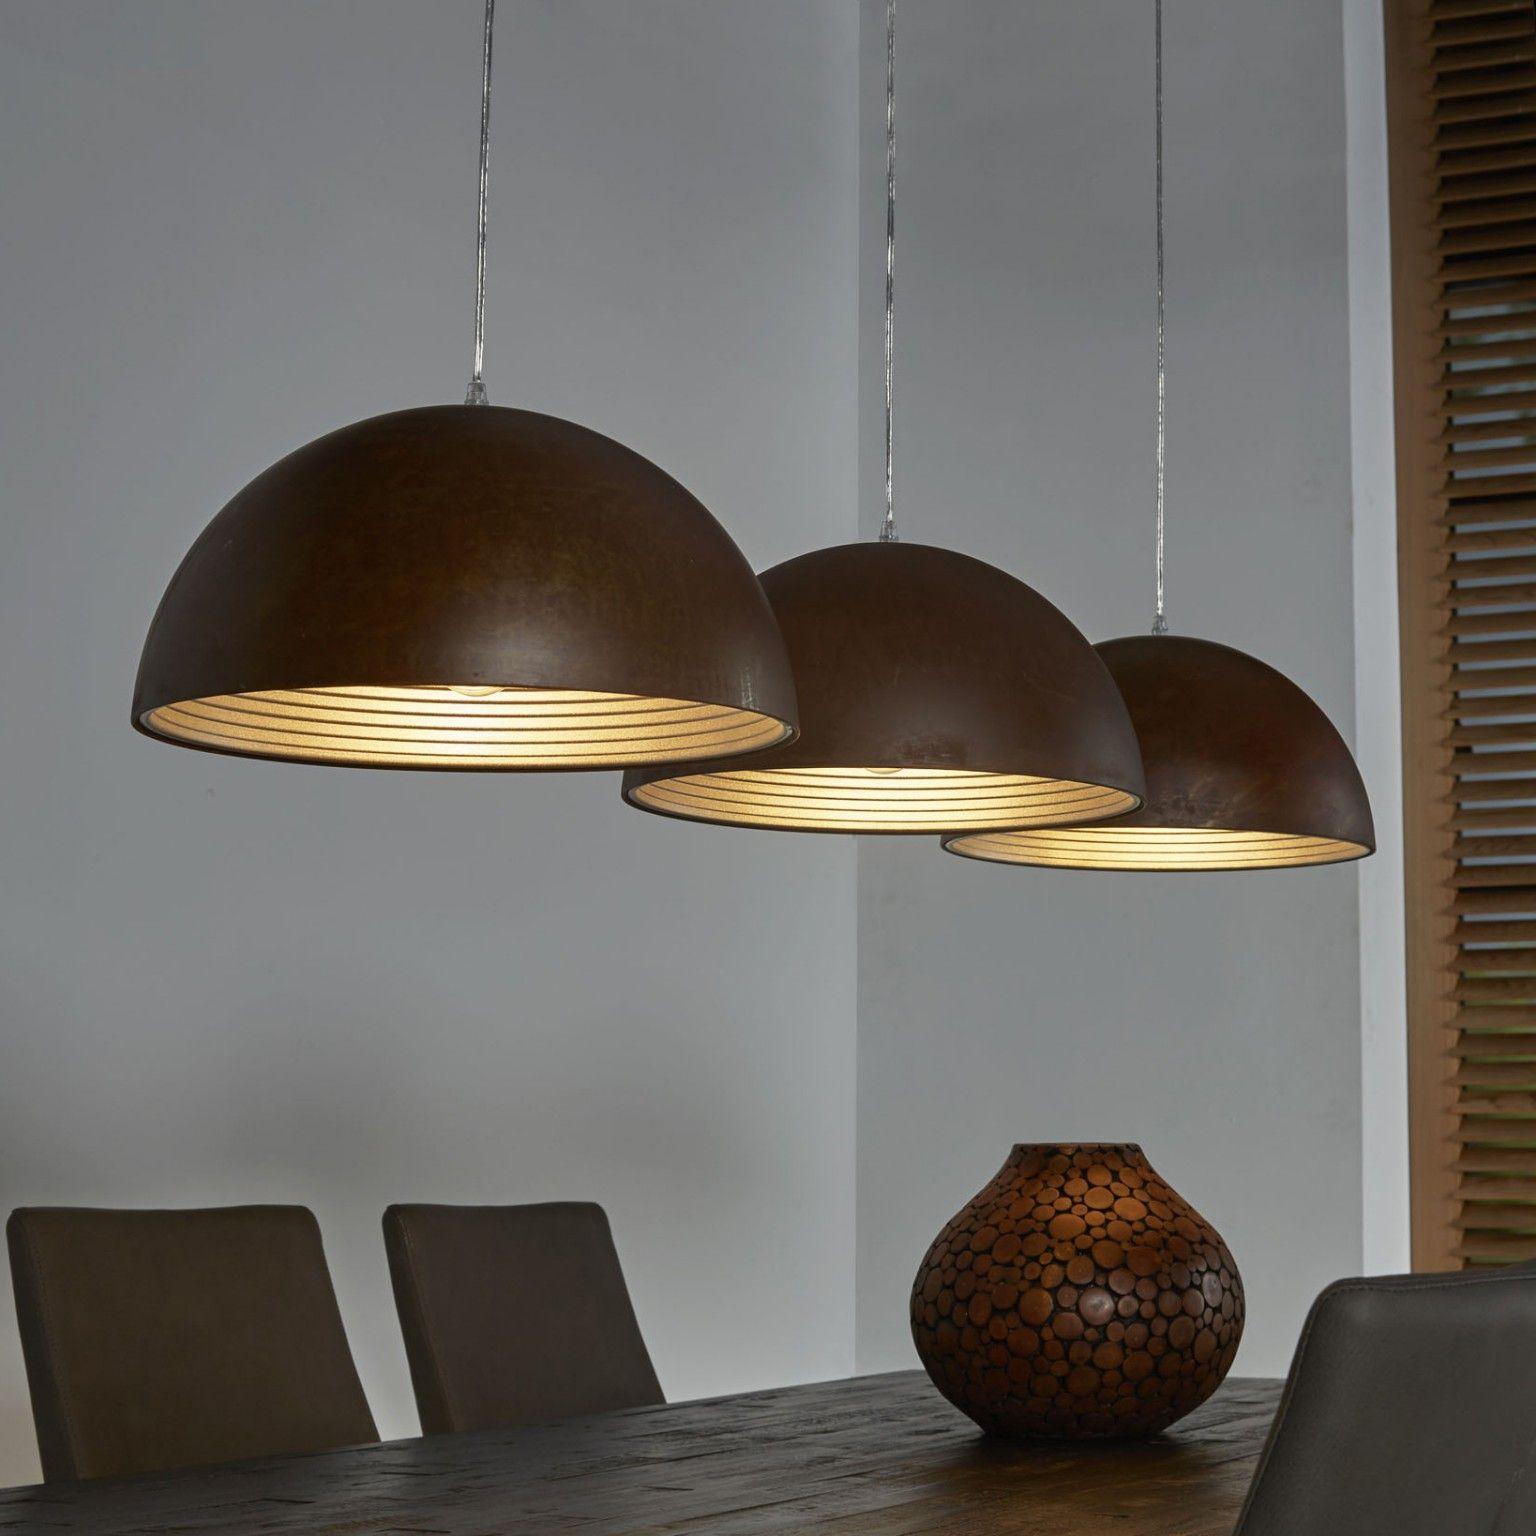 Hanglamp Hyun 3 Lamps Eettafel Verlichting Hanglamp Vintage Industrieel Meubilair